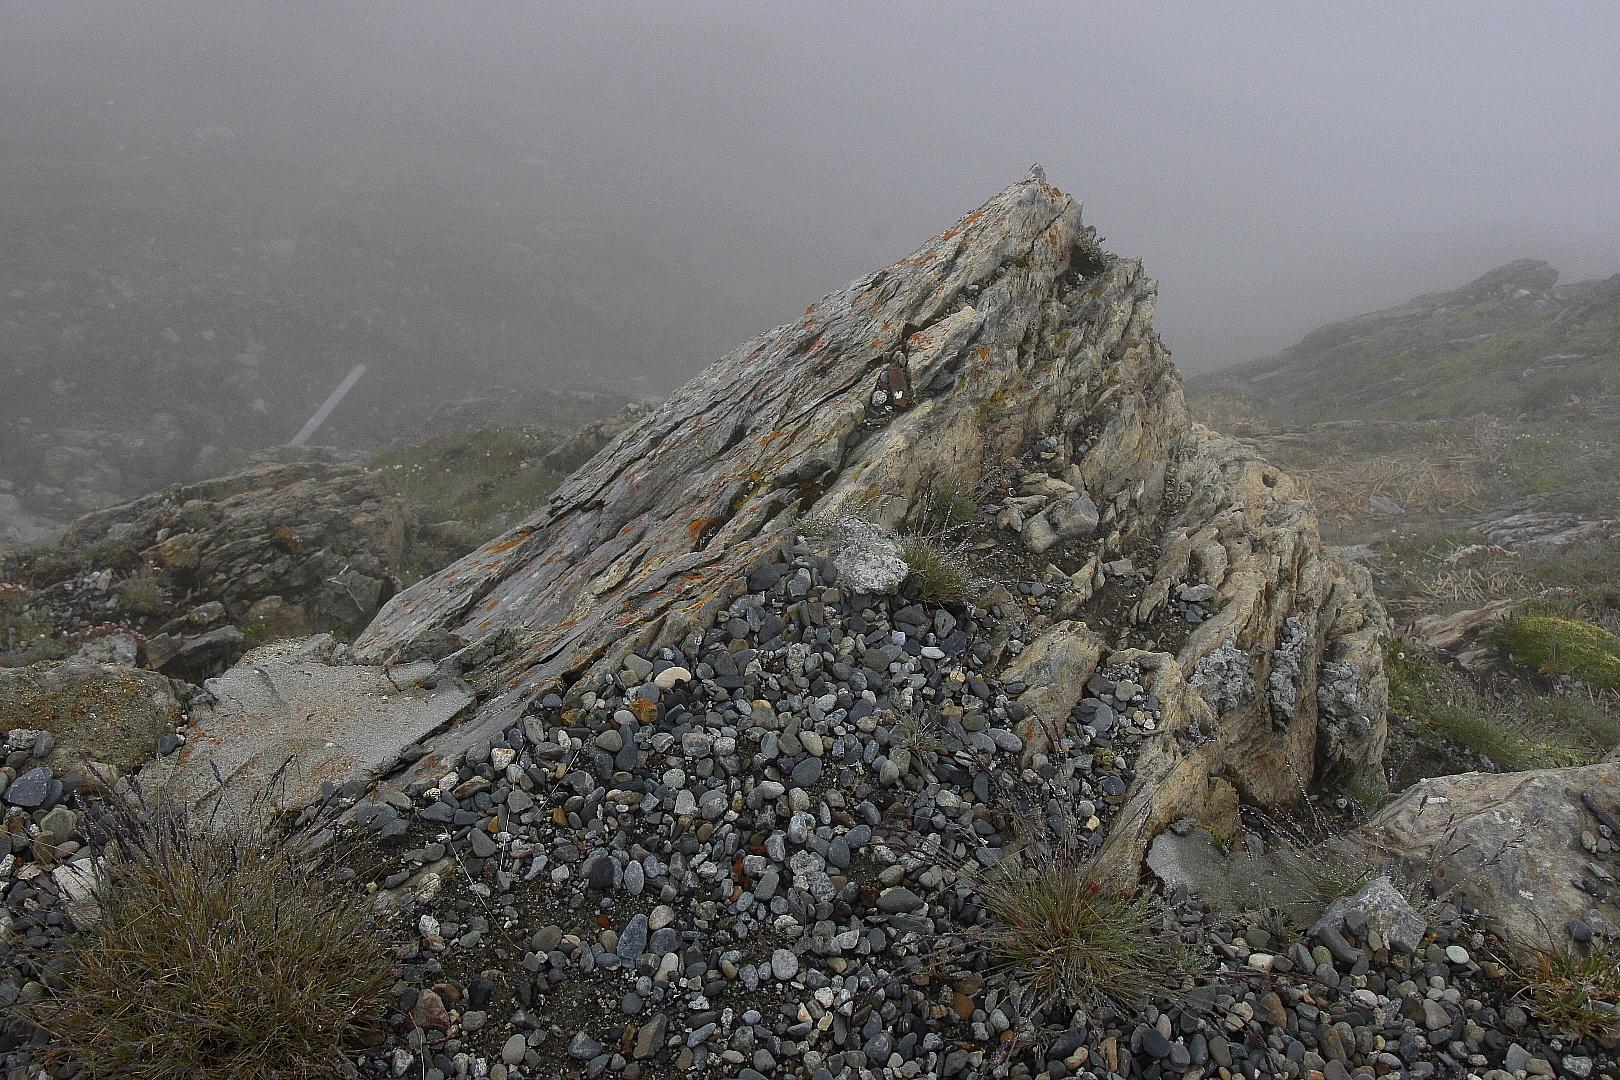 Fels in 2850 m Höhe